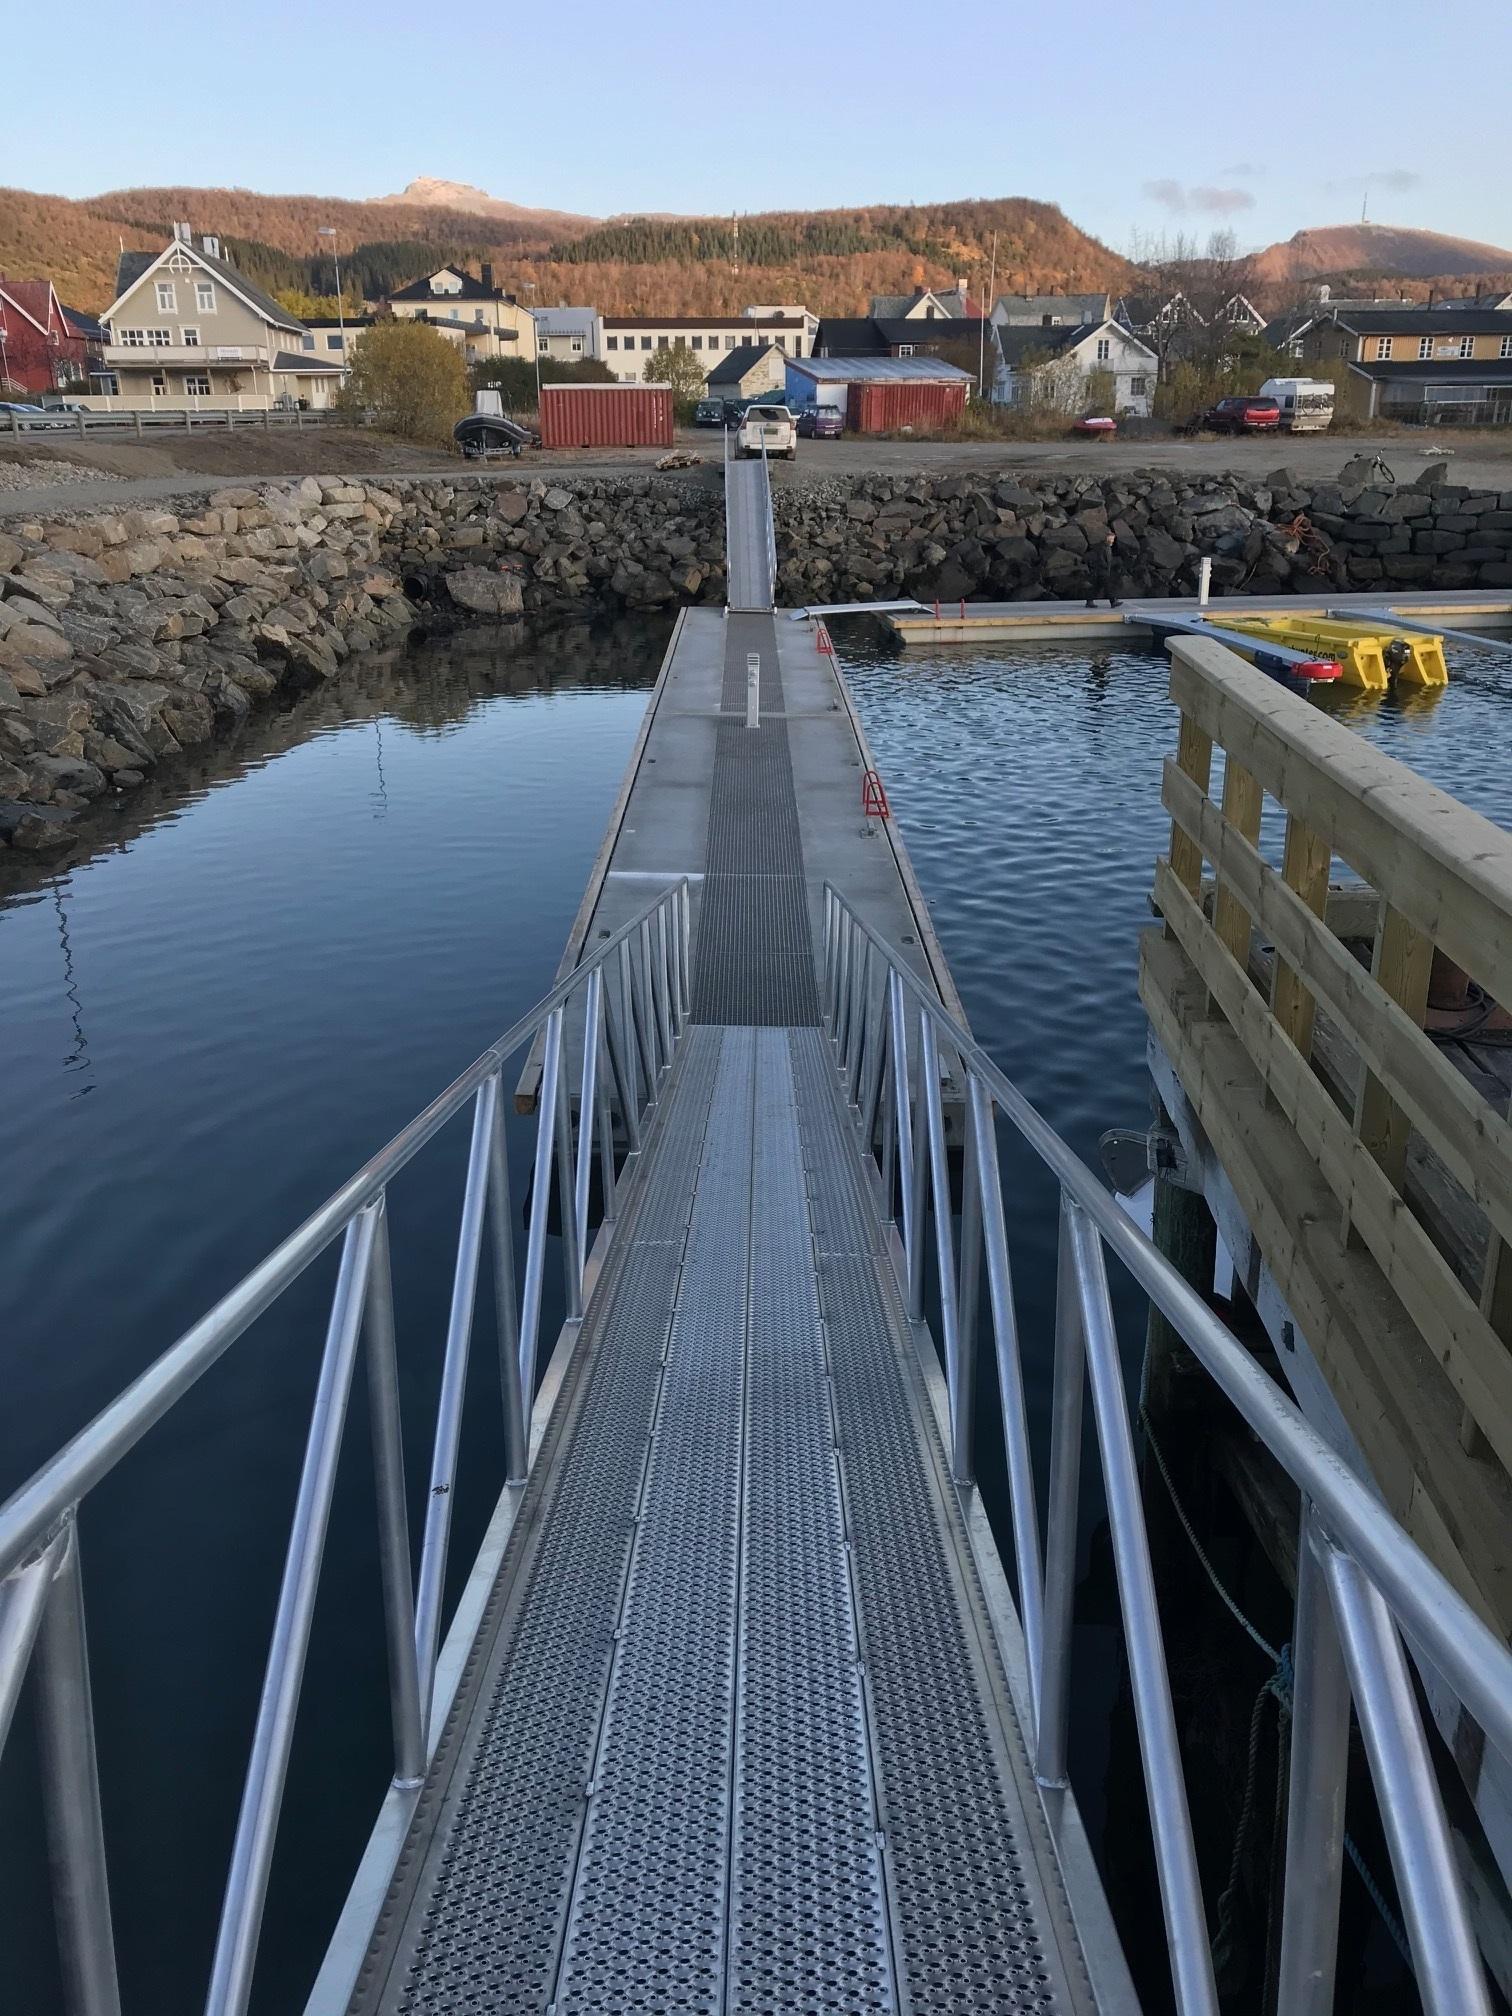 https://marinasolutions.no/uploads/Hadsel-havn-melbu-snøfrie-betongbrygger-marina-solutions-Tallykey-strømposter-3.jpg